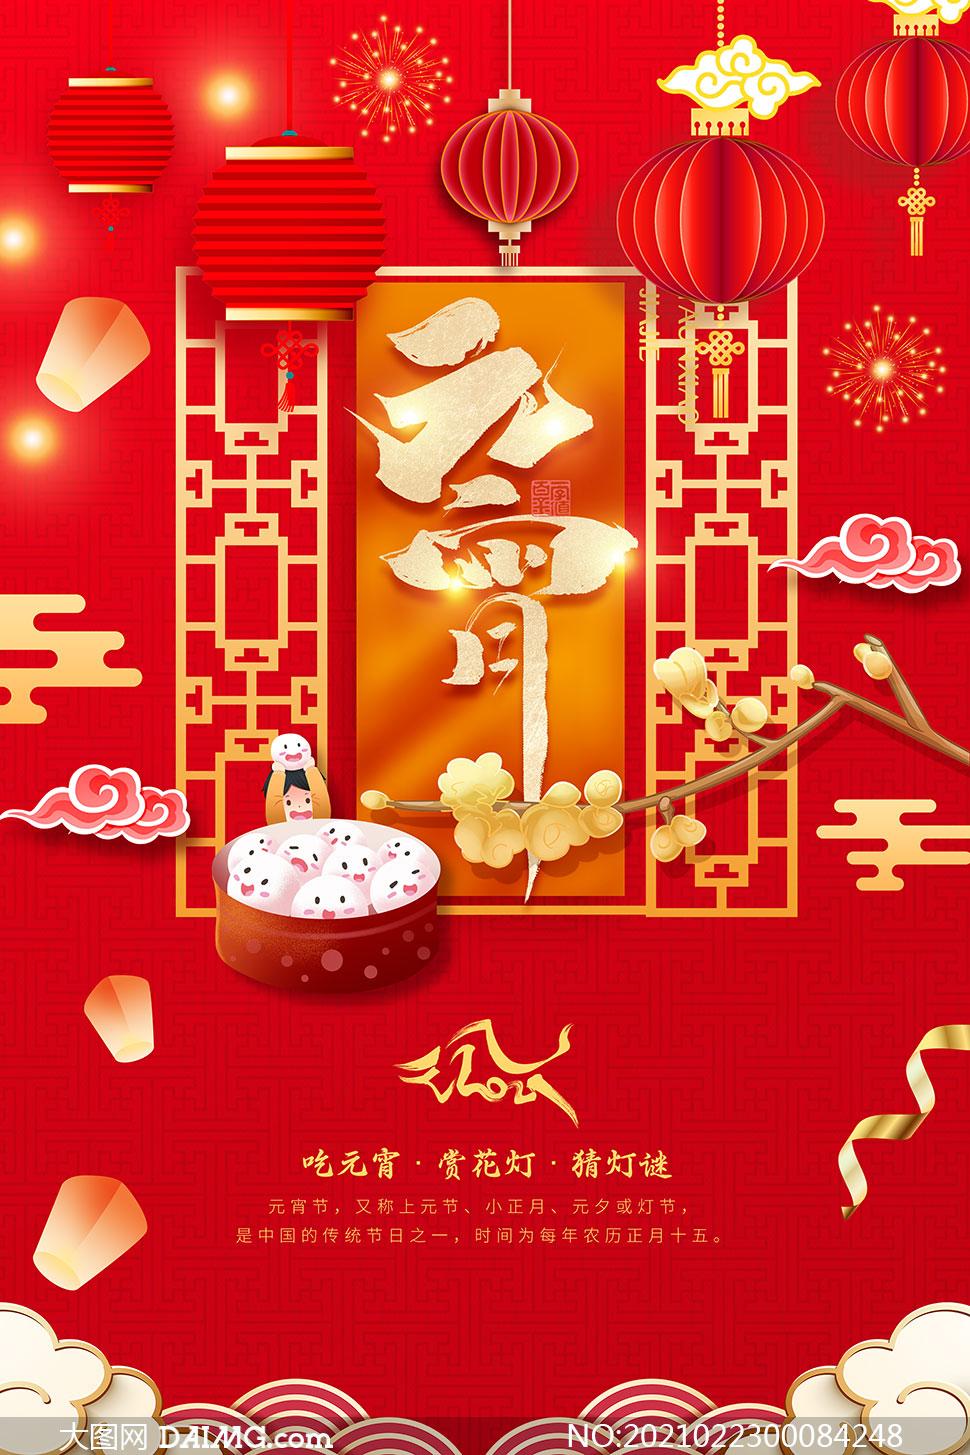 2021元宵节赏花灯活动宣传单设计PSD素材